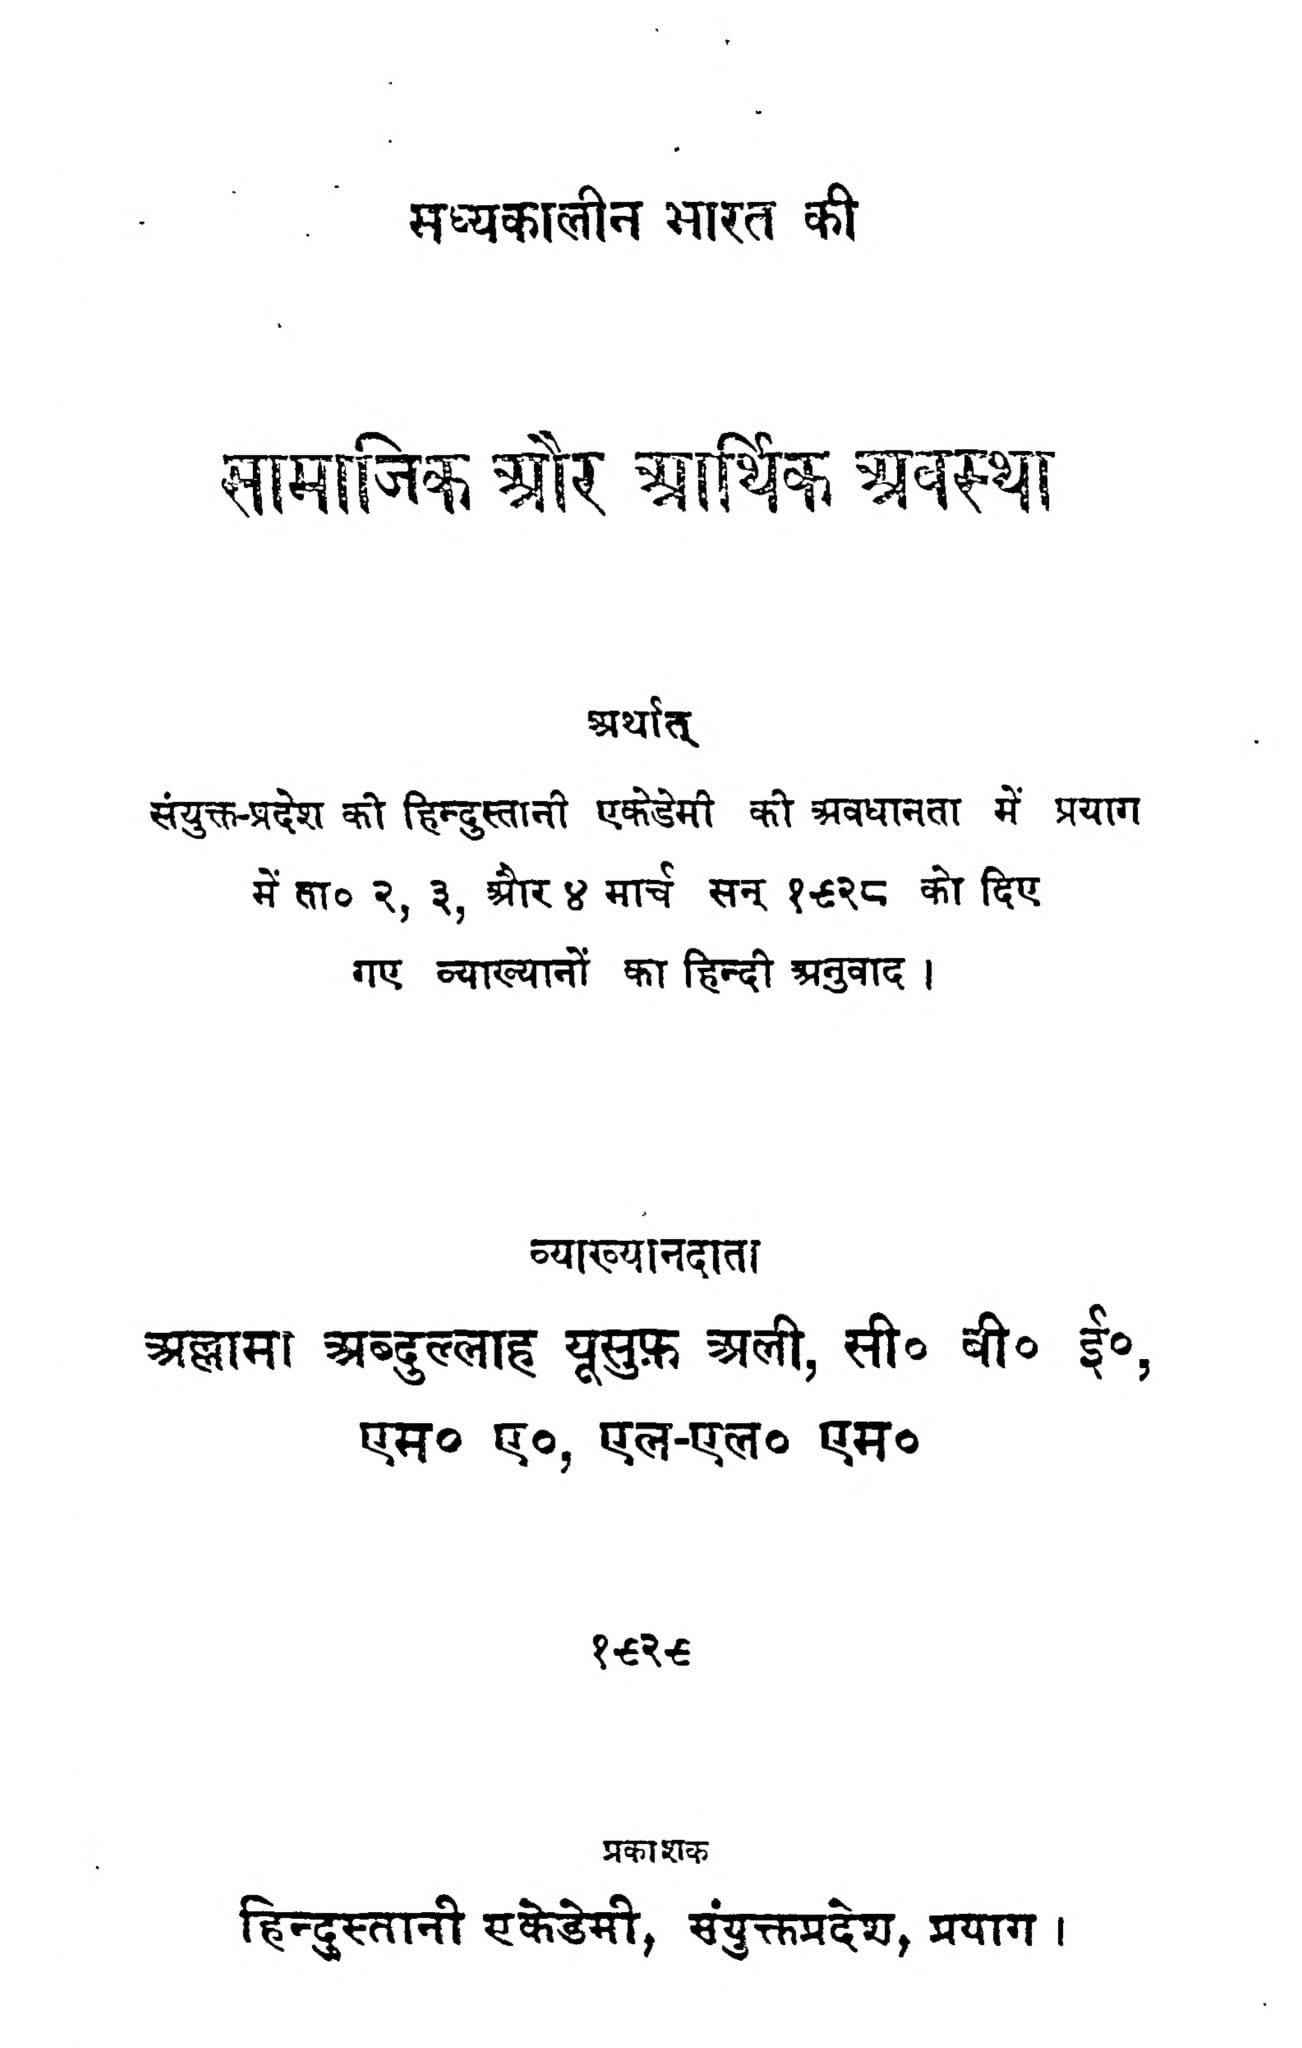 Book Image : मध्यकालीन भारत की सामाजिक और आर्थिक अवस्था - Madhyakalin Bharat Ki Samajik Aur Aarthik Avastha